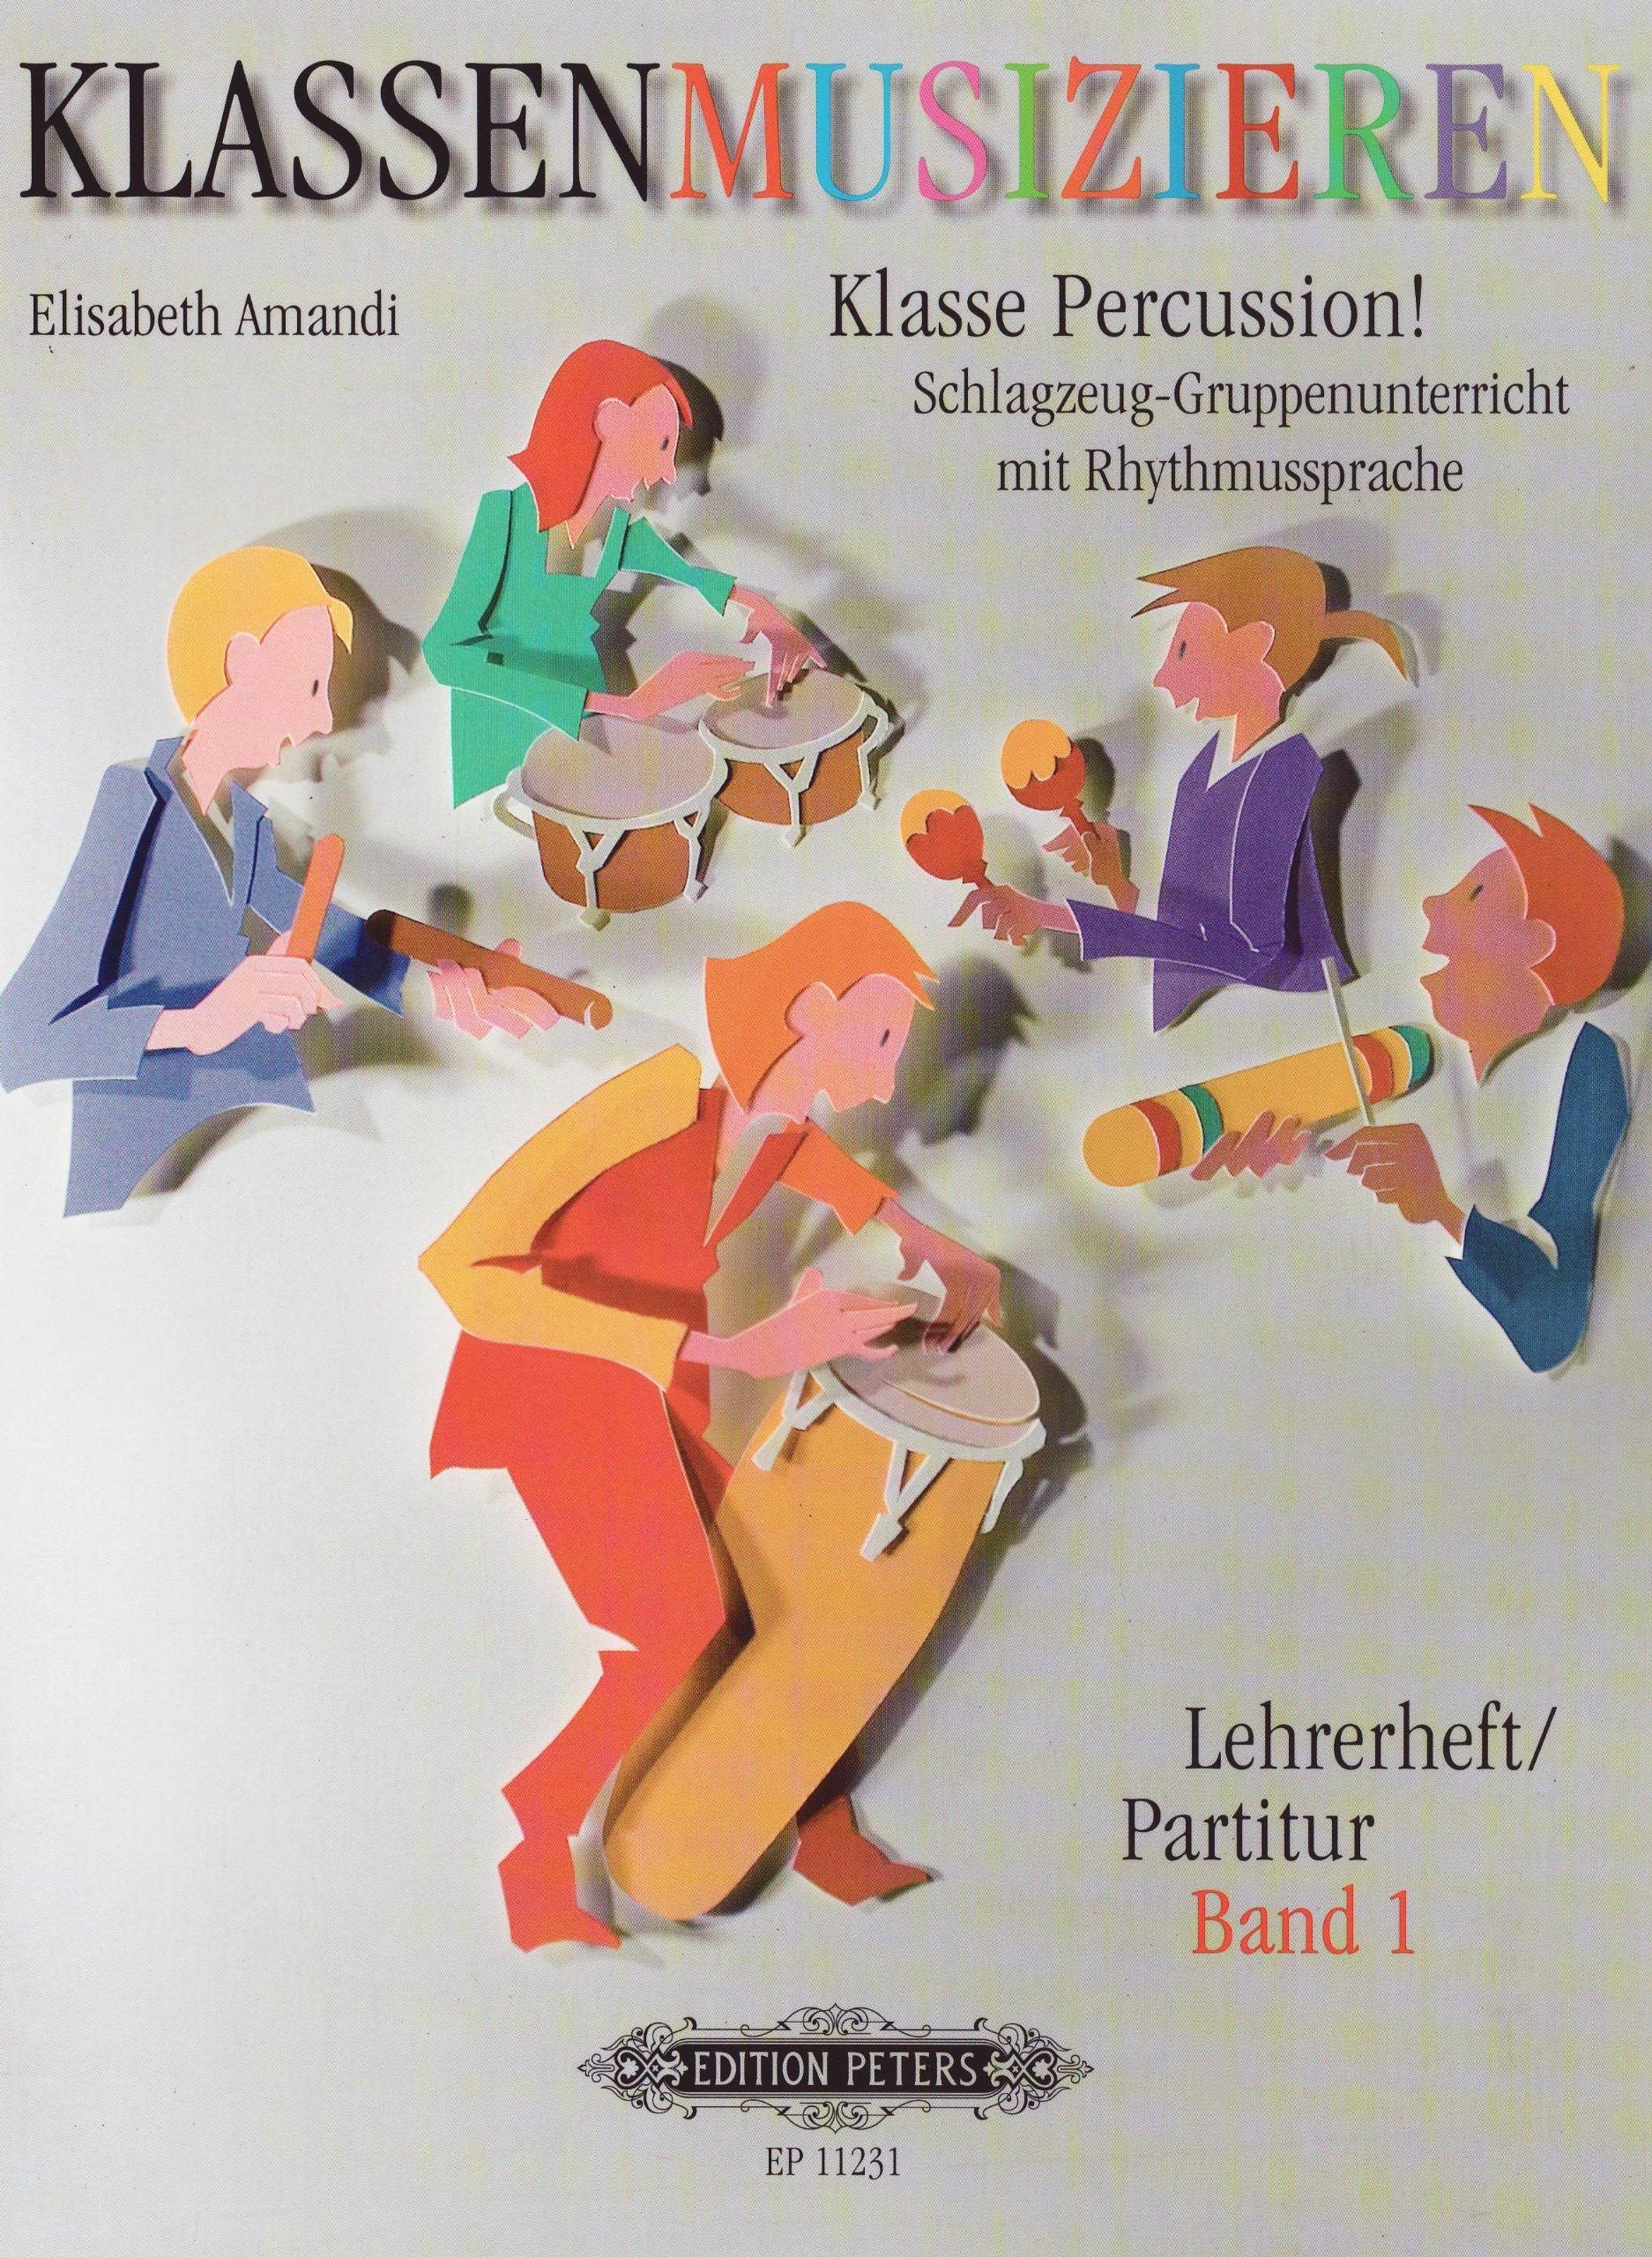 Klasse Percussion! - Band 1: Schlagzeug-Gruppenunterricht mit der Rhythmussprache Talking Rhythm / Lehrerheft/Partitur